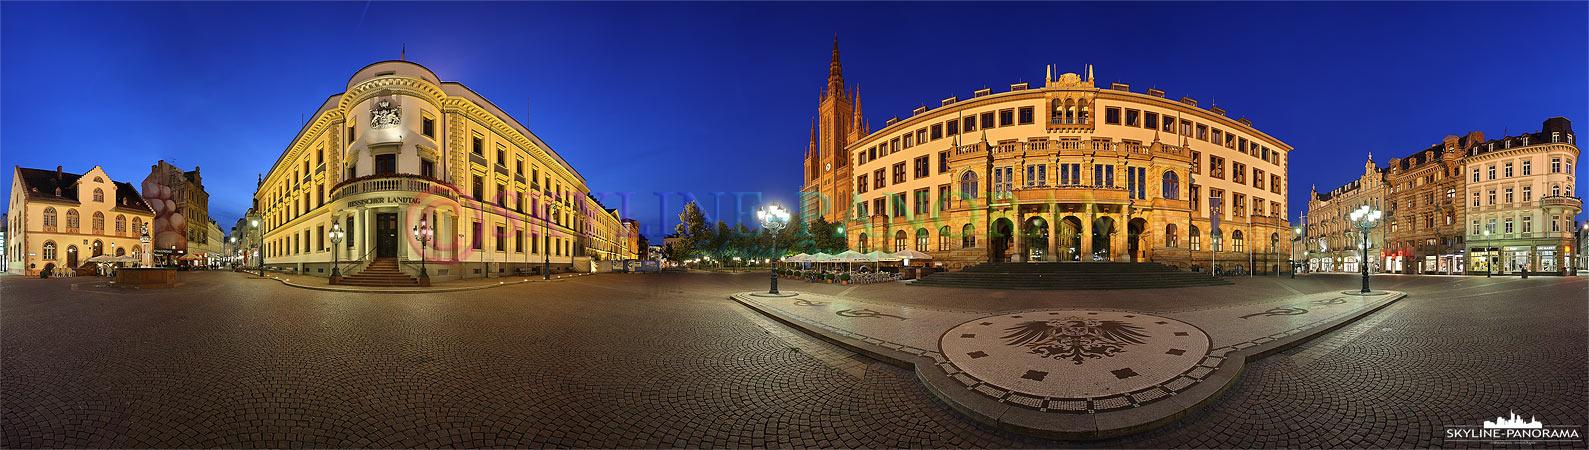 Wiesbaden Bilder - 360° Panorama auf dem Schloßplatz in Wiesbaden, auf dem Bild sind die Marktkirche, das Stadtschloß & das Neue Rathaus zu sehen.